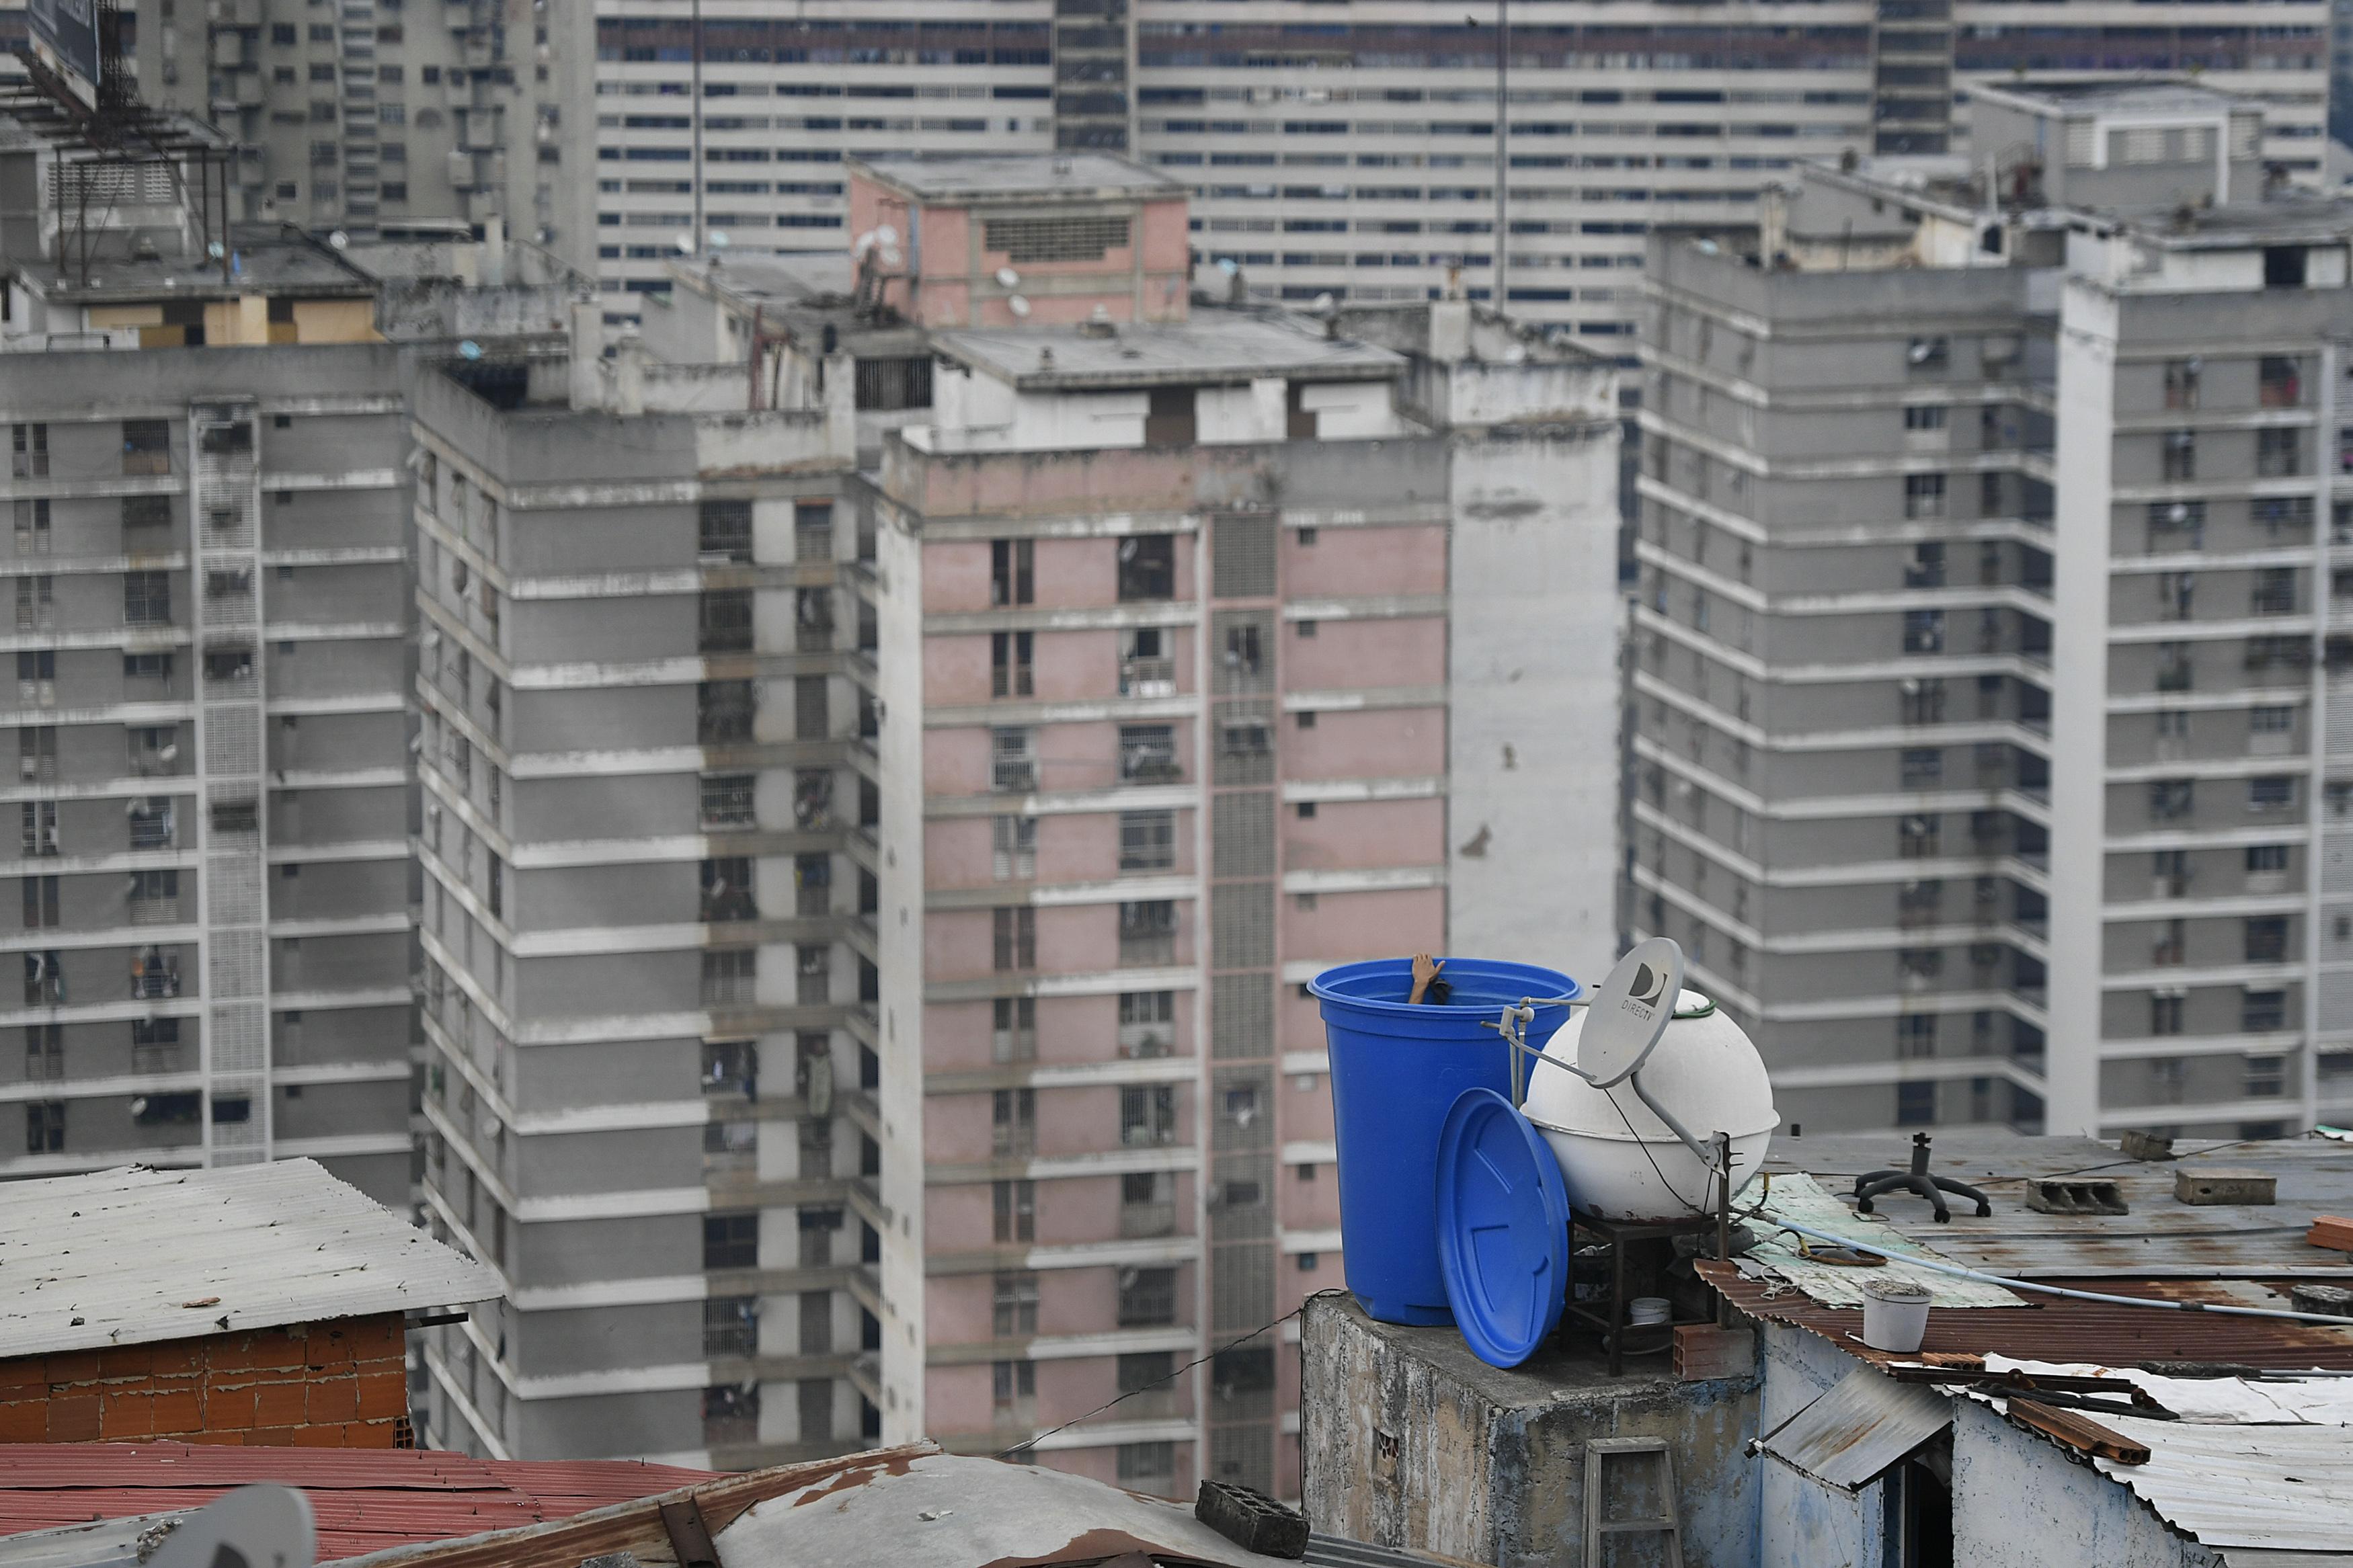 Un hombre limpia el interior de un contenedor de agua situado sobre el tejado de su casa en el vecindario de San Agustín, en Caracas, Venezuela, el 17 de mayo de 2020. La escasez de agua sigue agravándose en Venezuela en un momento en que la amenaza del coronavirus hace que lavarse las manos sea aún más crítico. (AP Foto/Matías Delacroix)